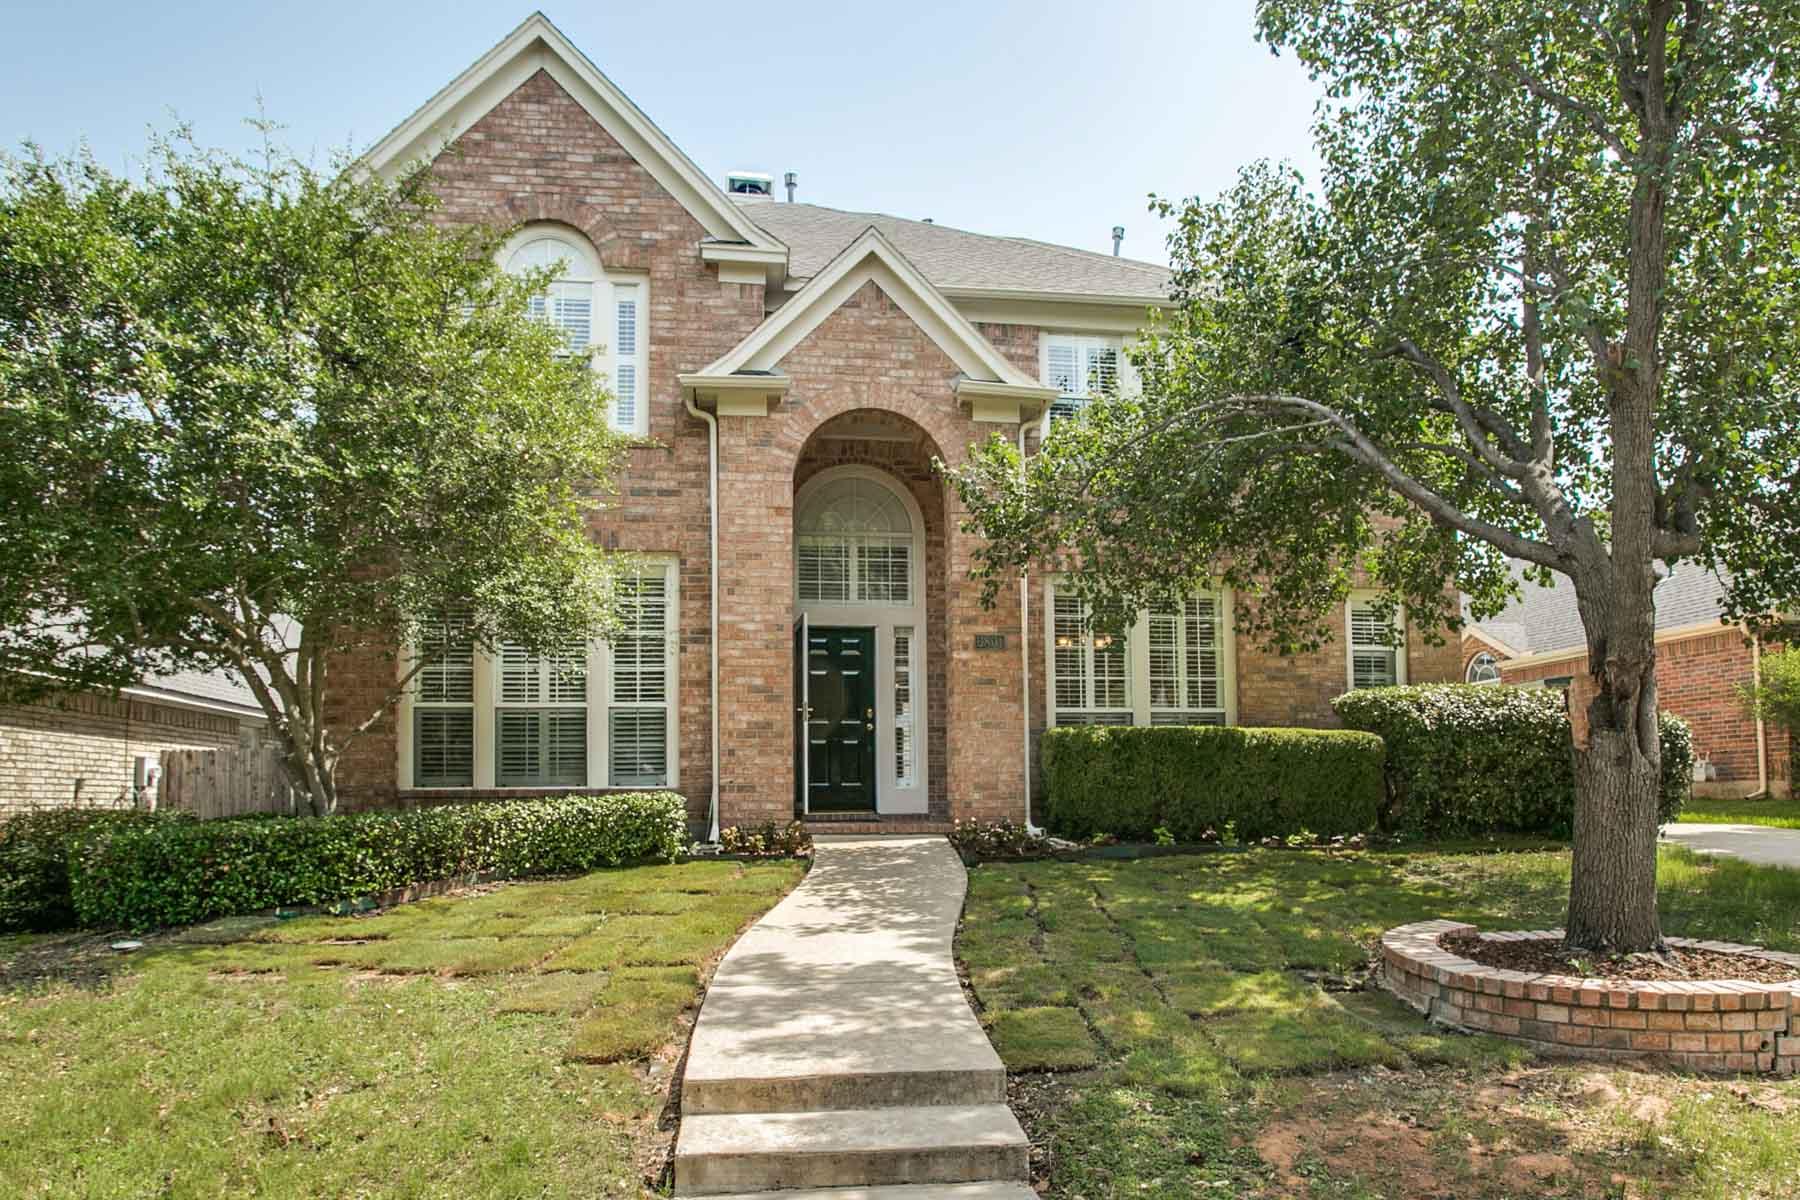 Maison unifamiliale pour l Vente à Newly painted throughout neutral color 6801 Spring Valley Way Fort Worth, Texas, 76132 États-Unis